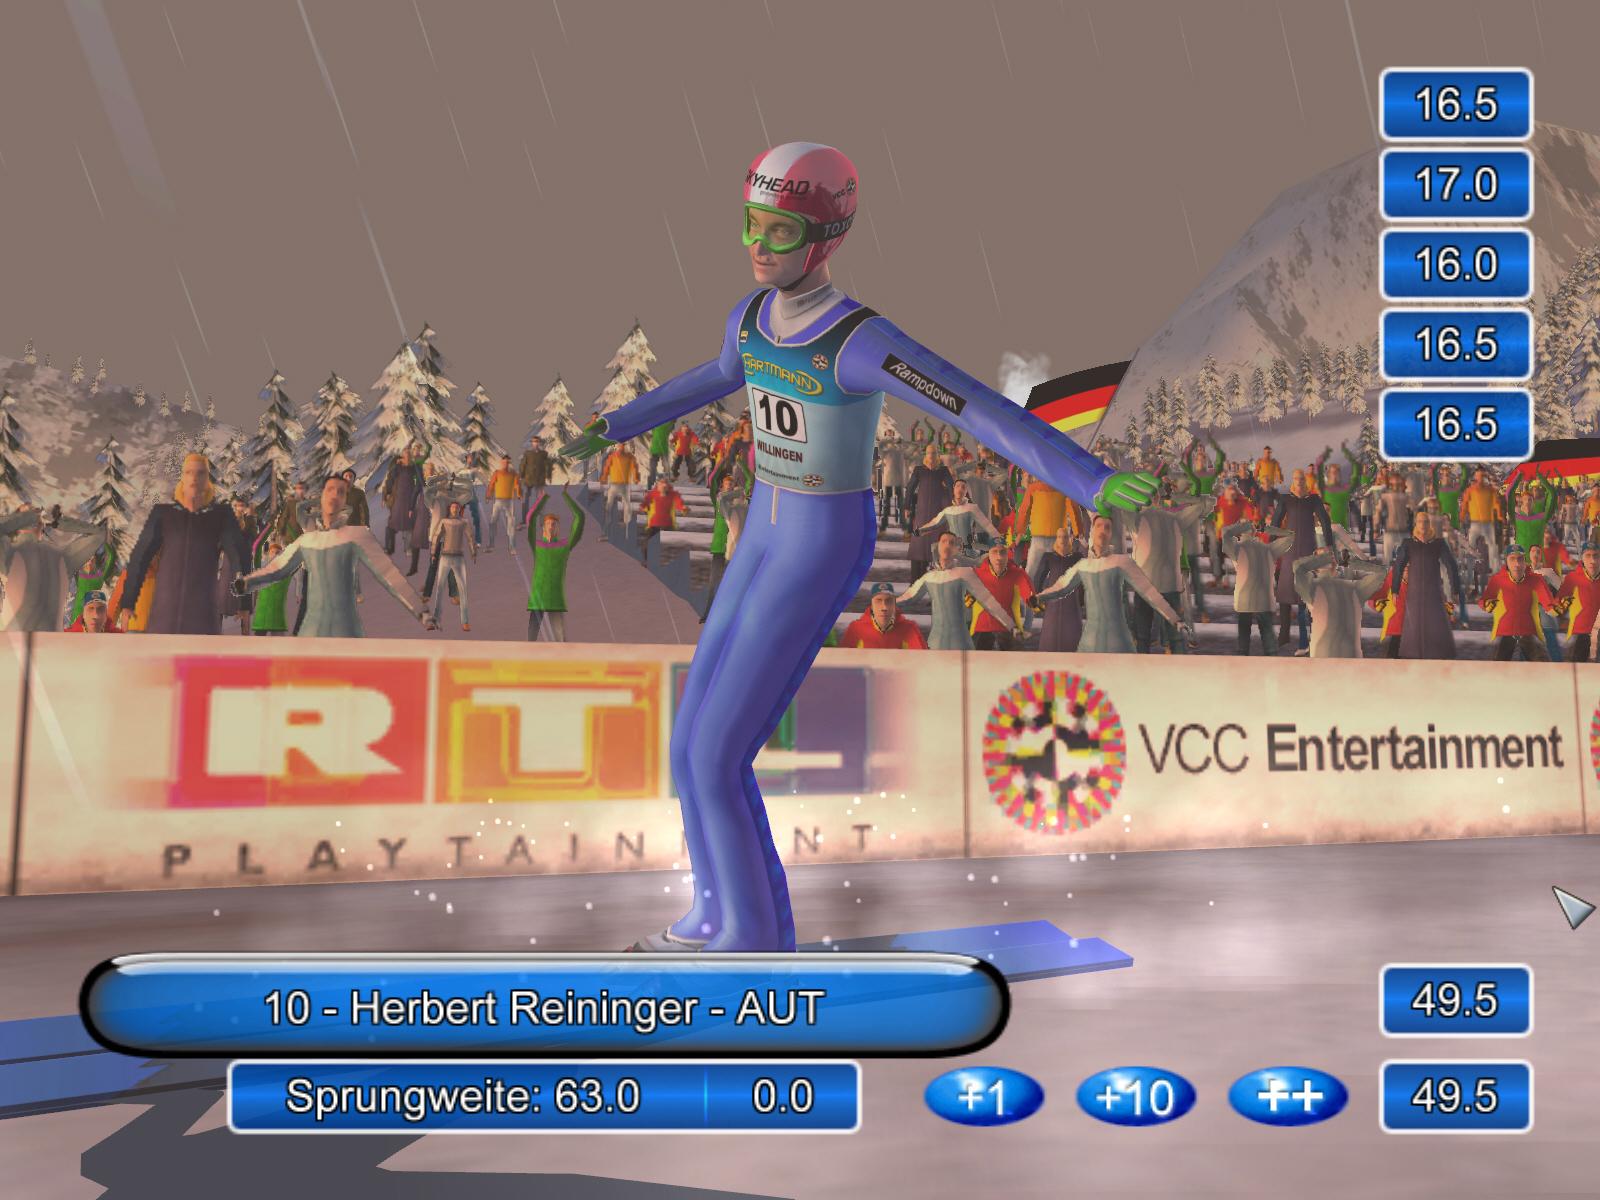 Rtl skispringen 2006 vollversion kostenlose online poksaustralian.